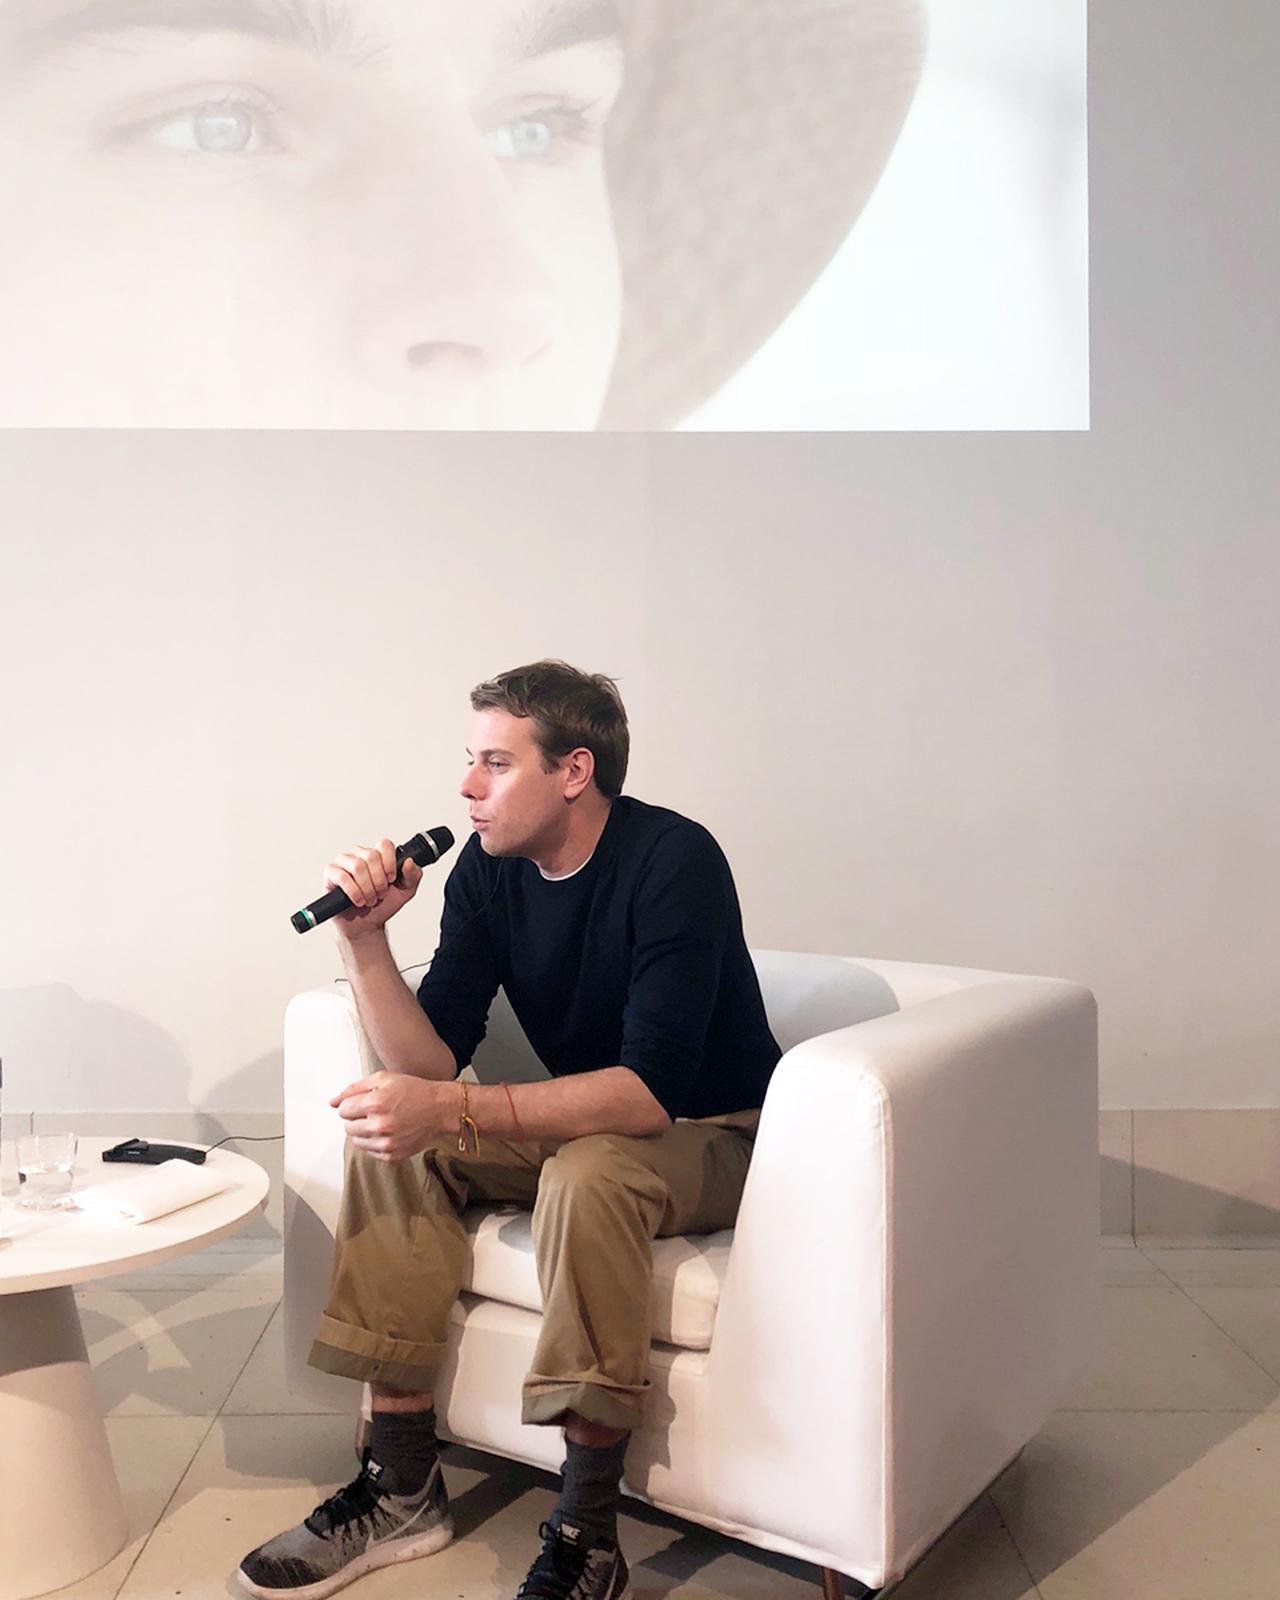 """Images : 1番目の画像 - 「ジョナサン・アンダーソンが """"普通の服""""を作る理由」のアルバム - T JAPAN:The New York Times Style Magazine 公式サイト"""